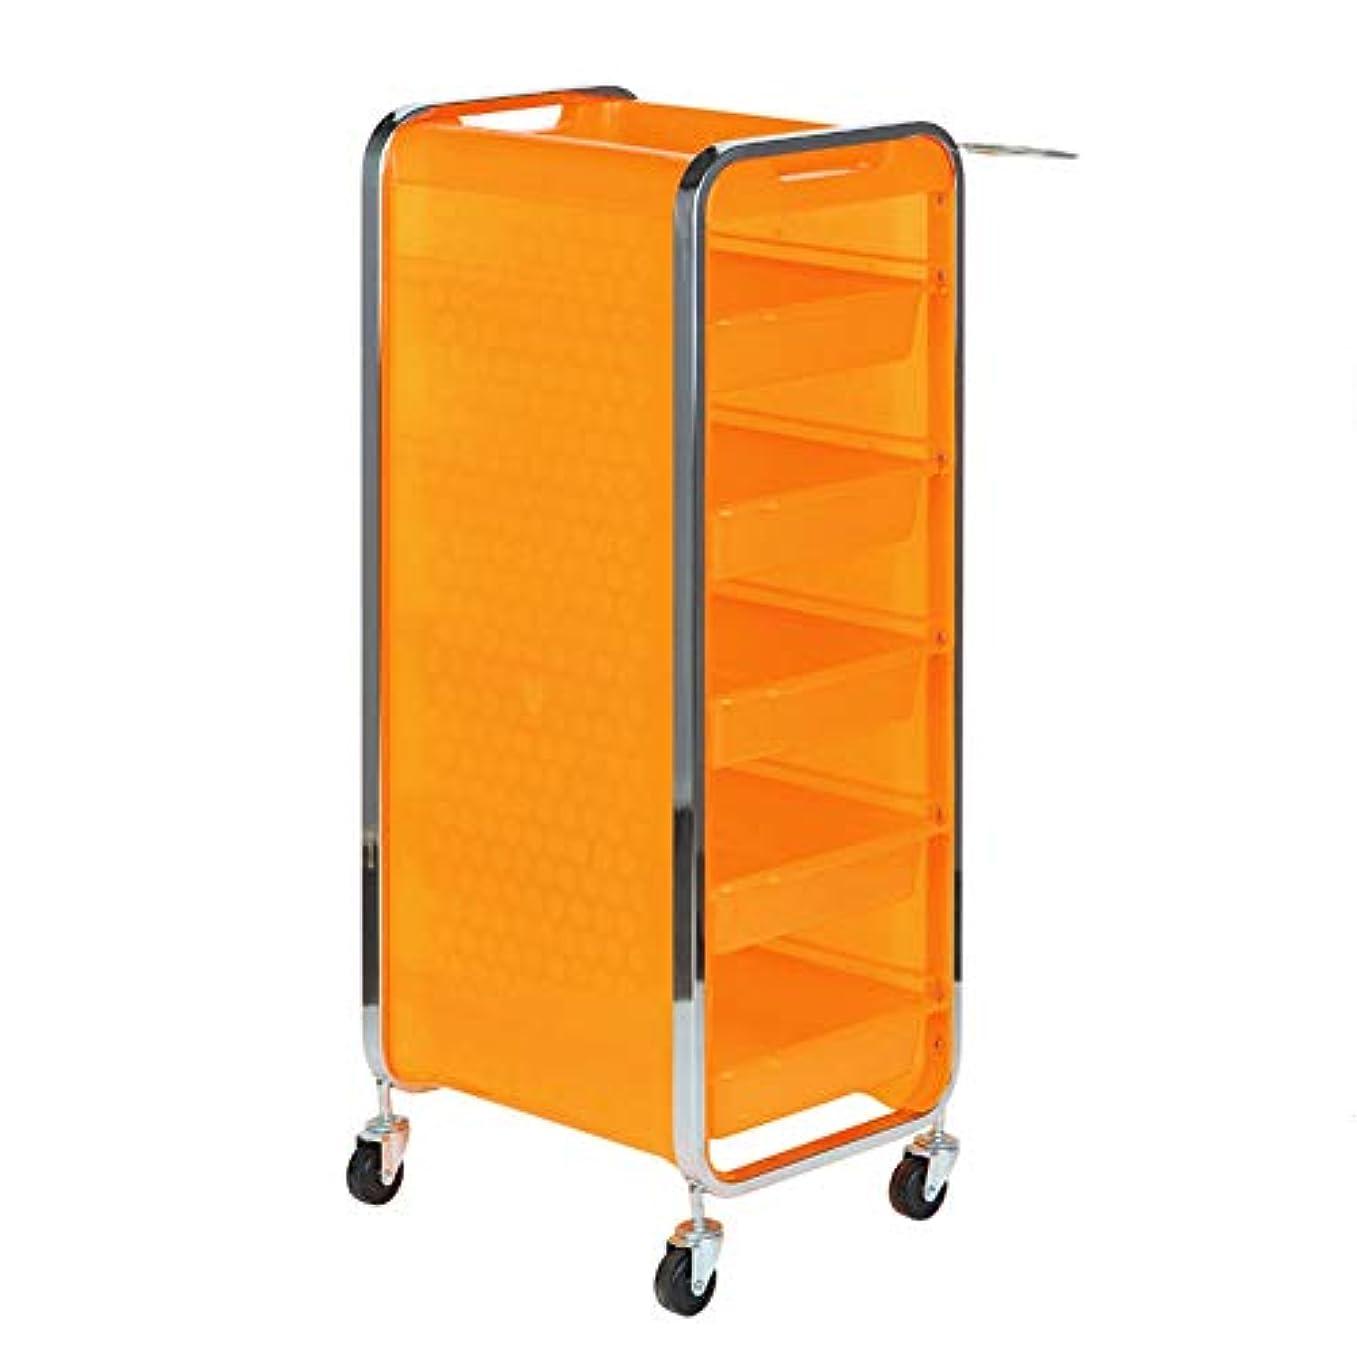 対話潤滑する世界の窓サロン美容院トロリー美容美容収納カート6層トレイ多機能引き出し虹色,Orange,A